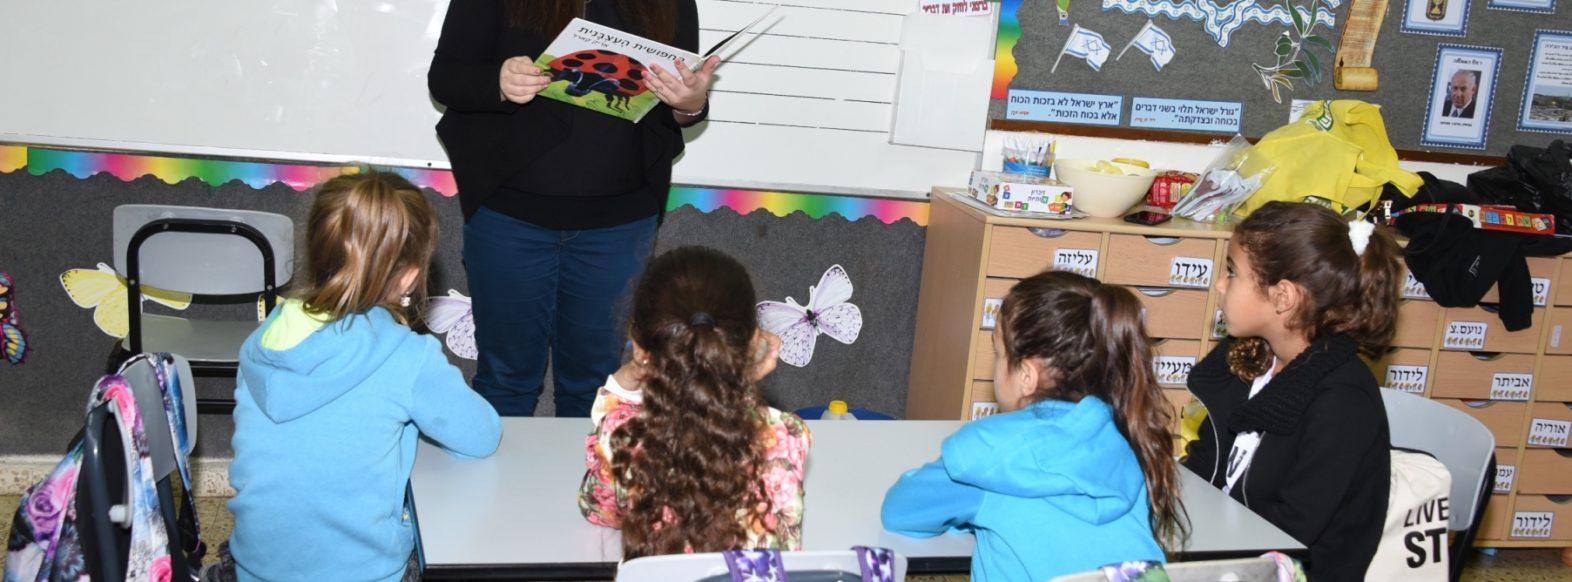 """עיריית קרית אתא תסבסד את תכנית """"בית הספר של החגים"""""""